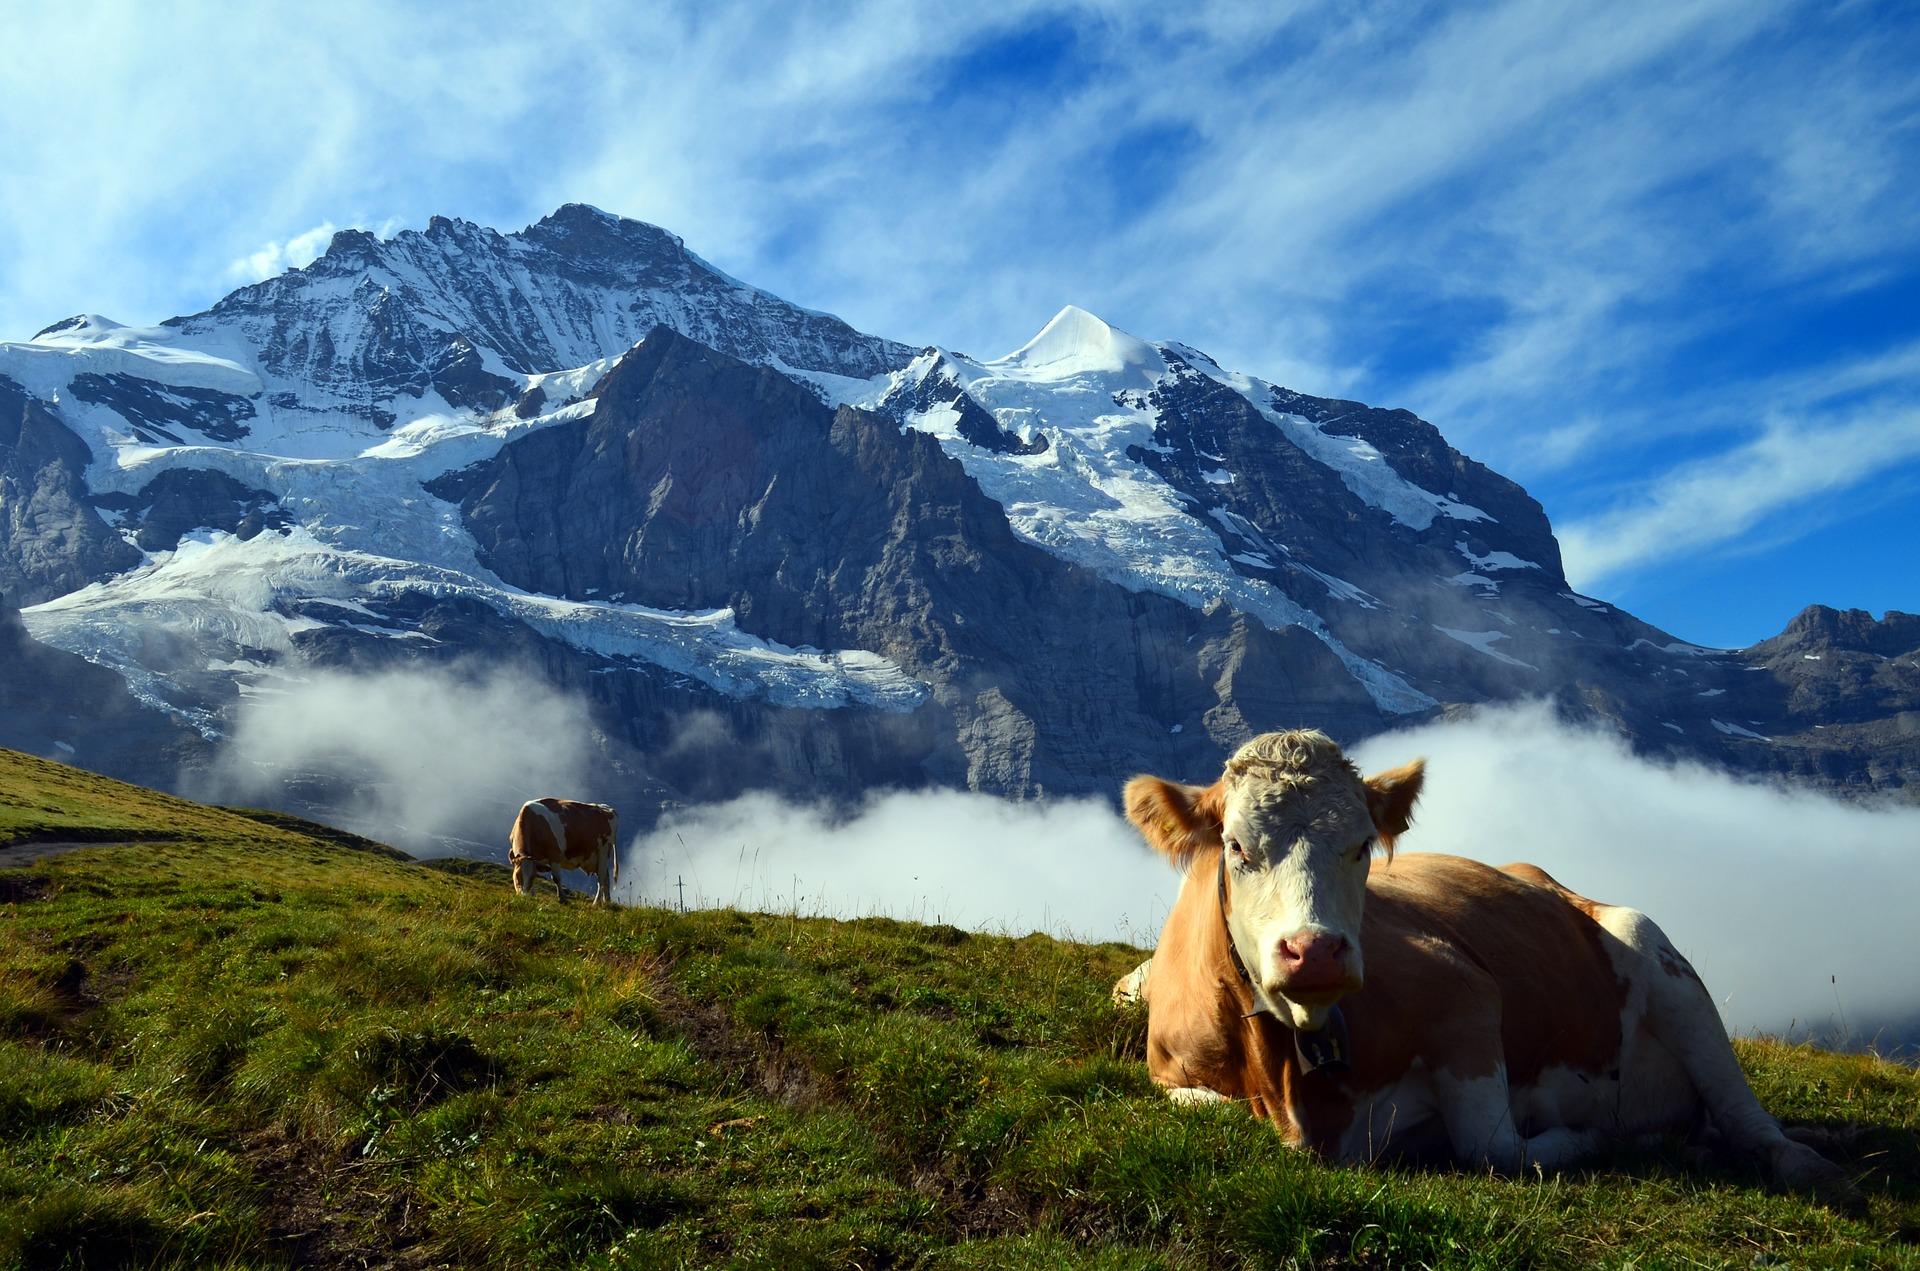 Švýcarsko má velmi přísné zákony vztahující k chovu hospodářských zvířat. Foto: Pixabay